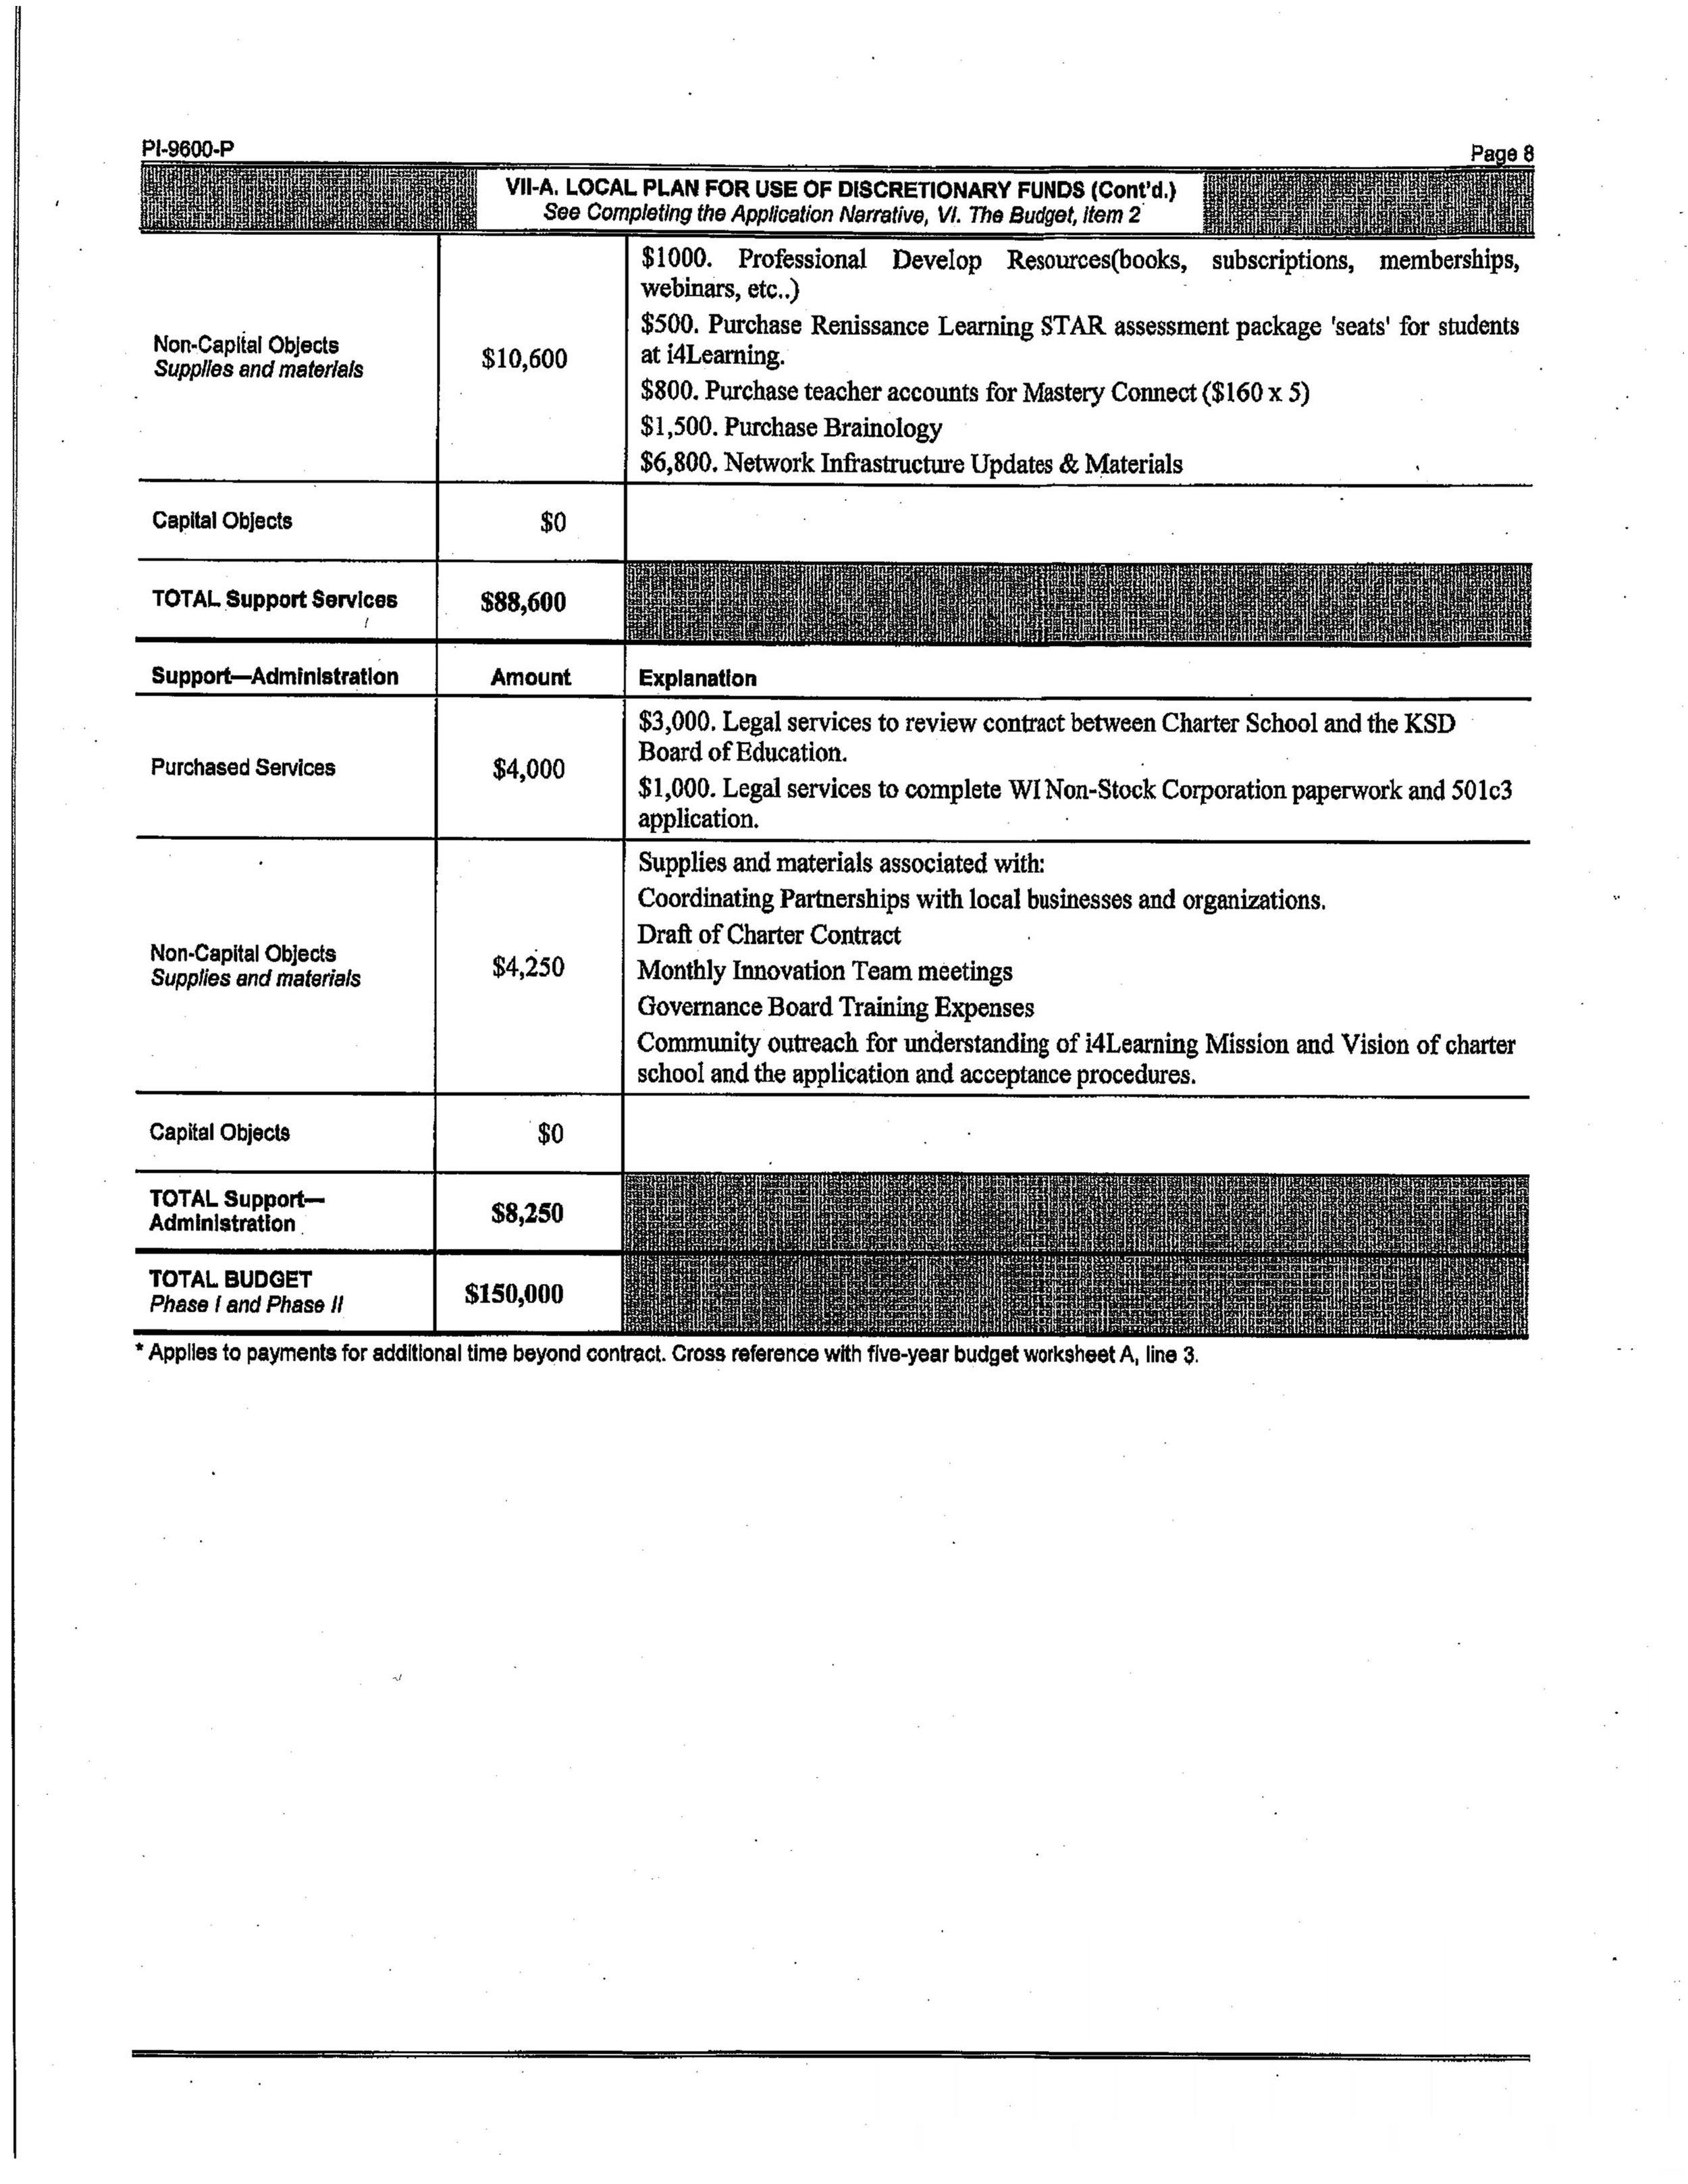 Planning Grant pg 8.jpg